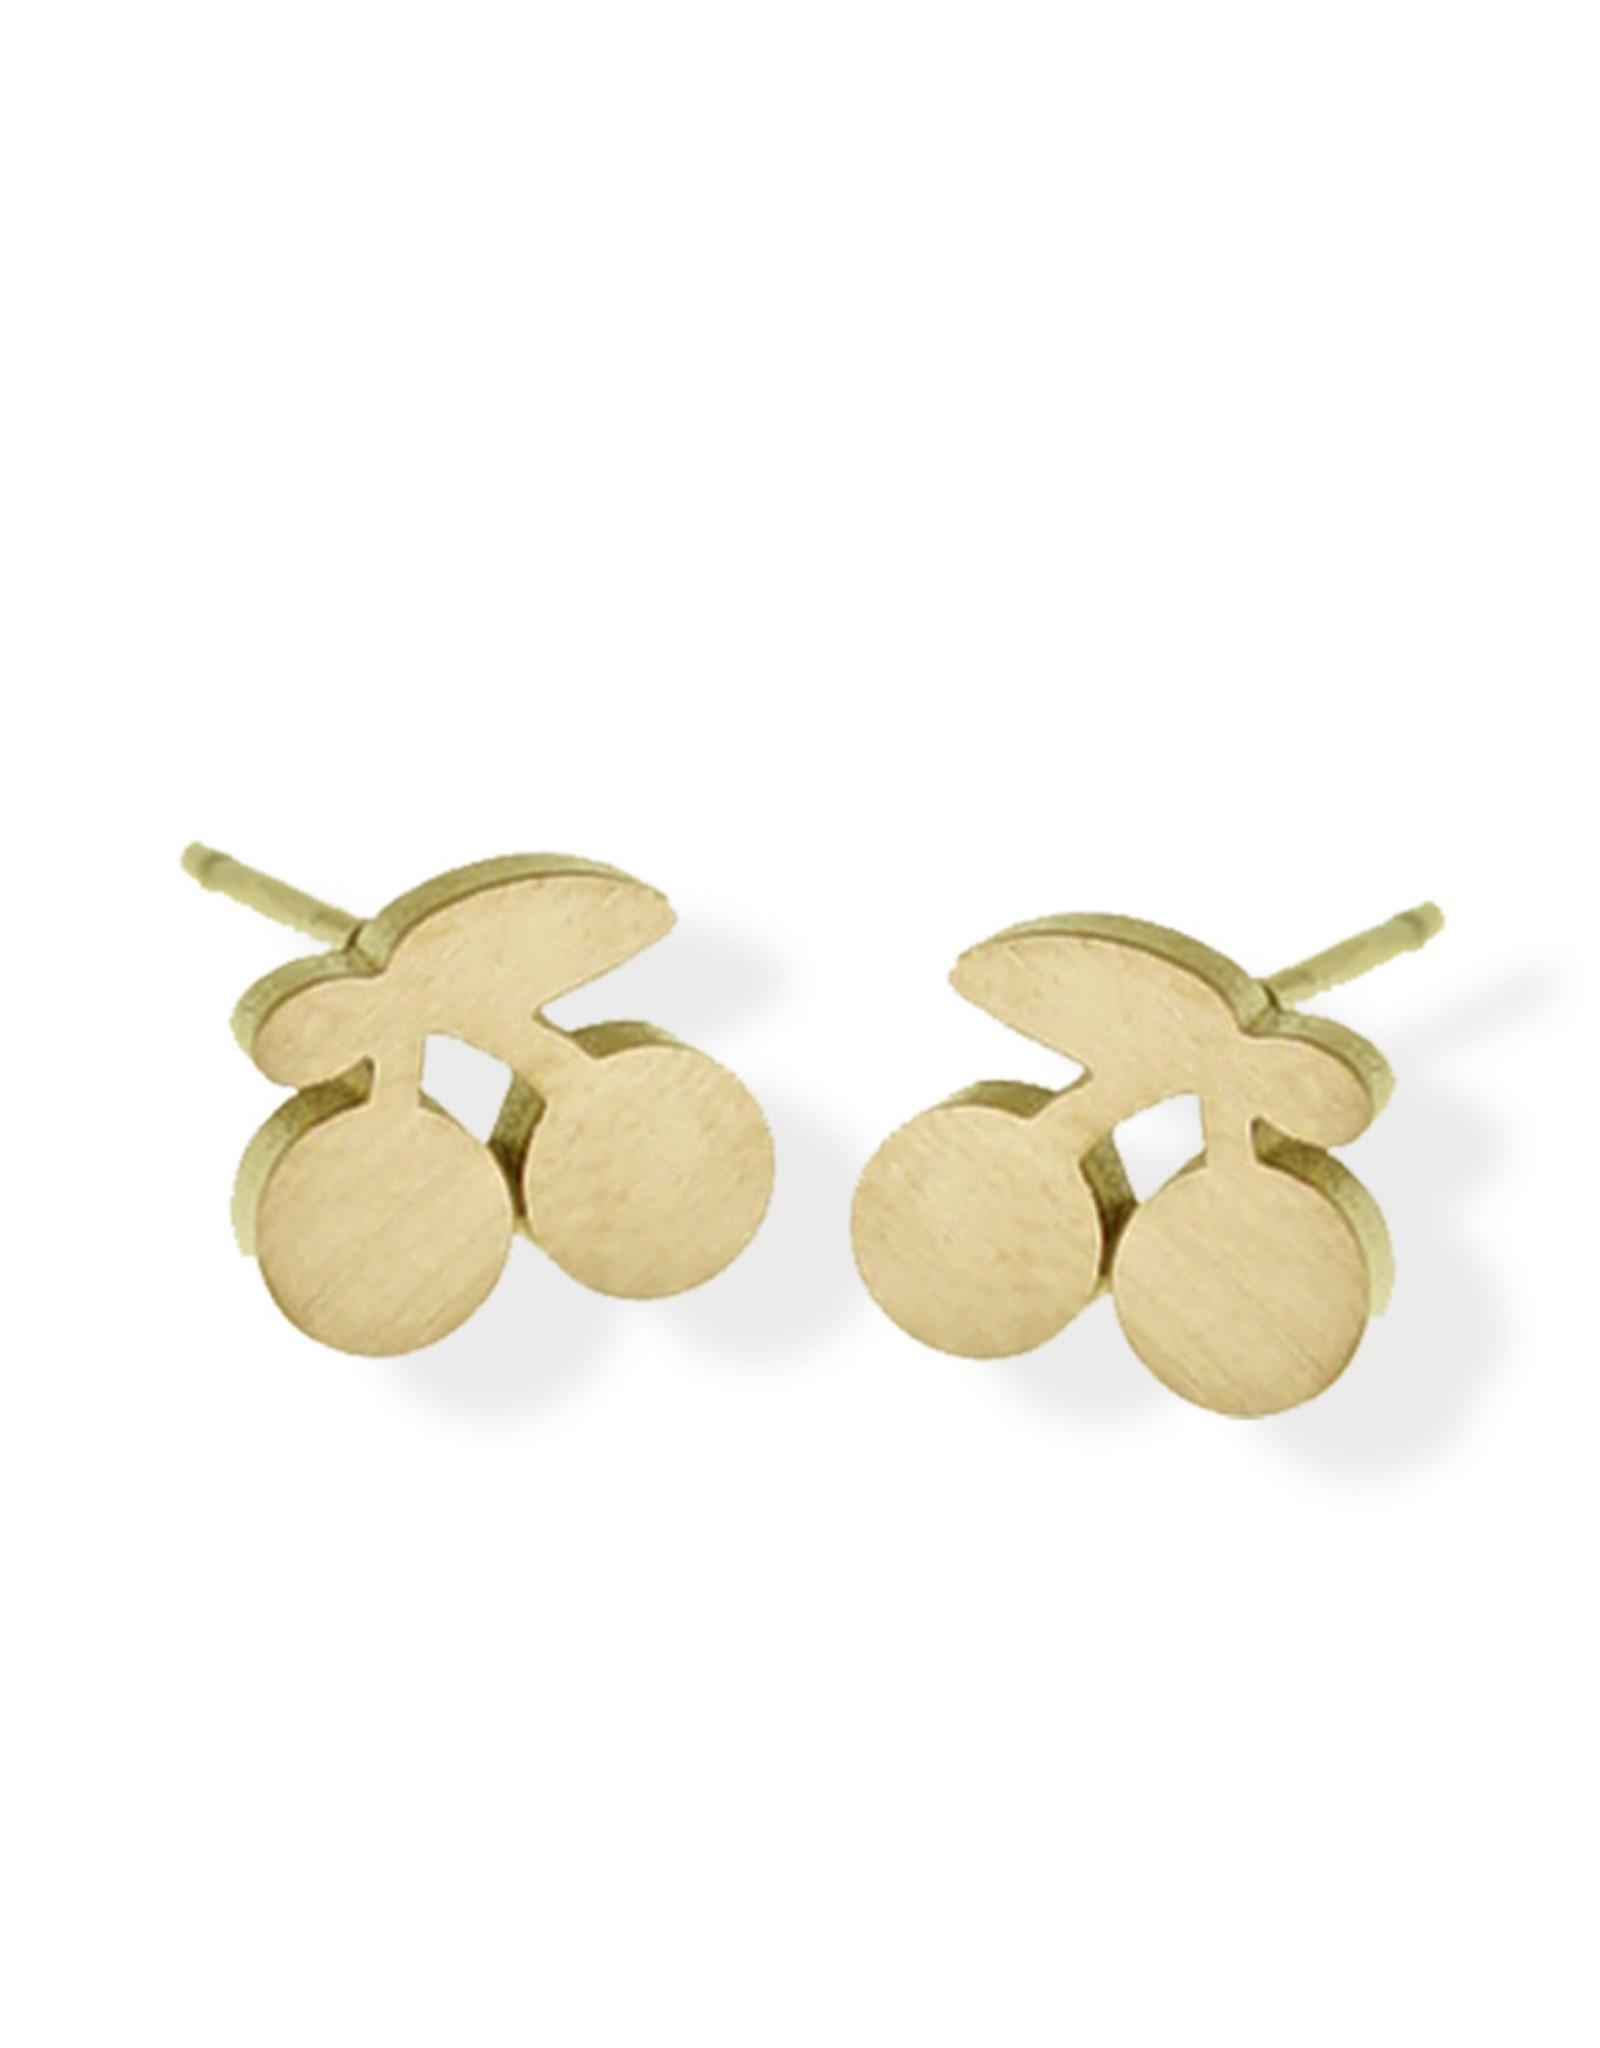 Fab accessories Boucle d'oreilles - Cerise en acier inoxydable or